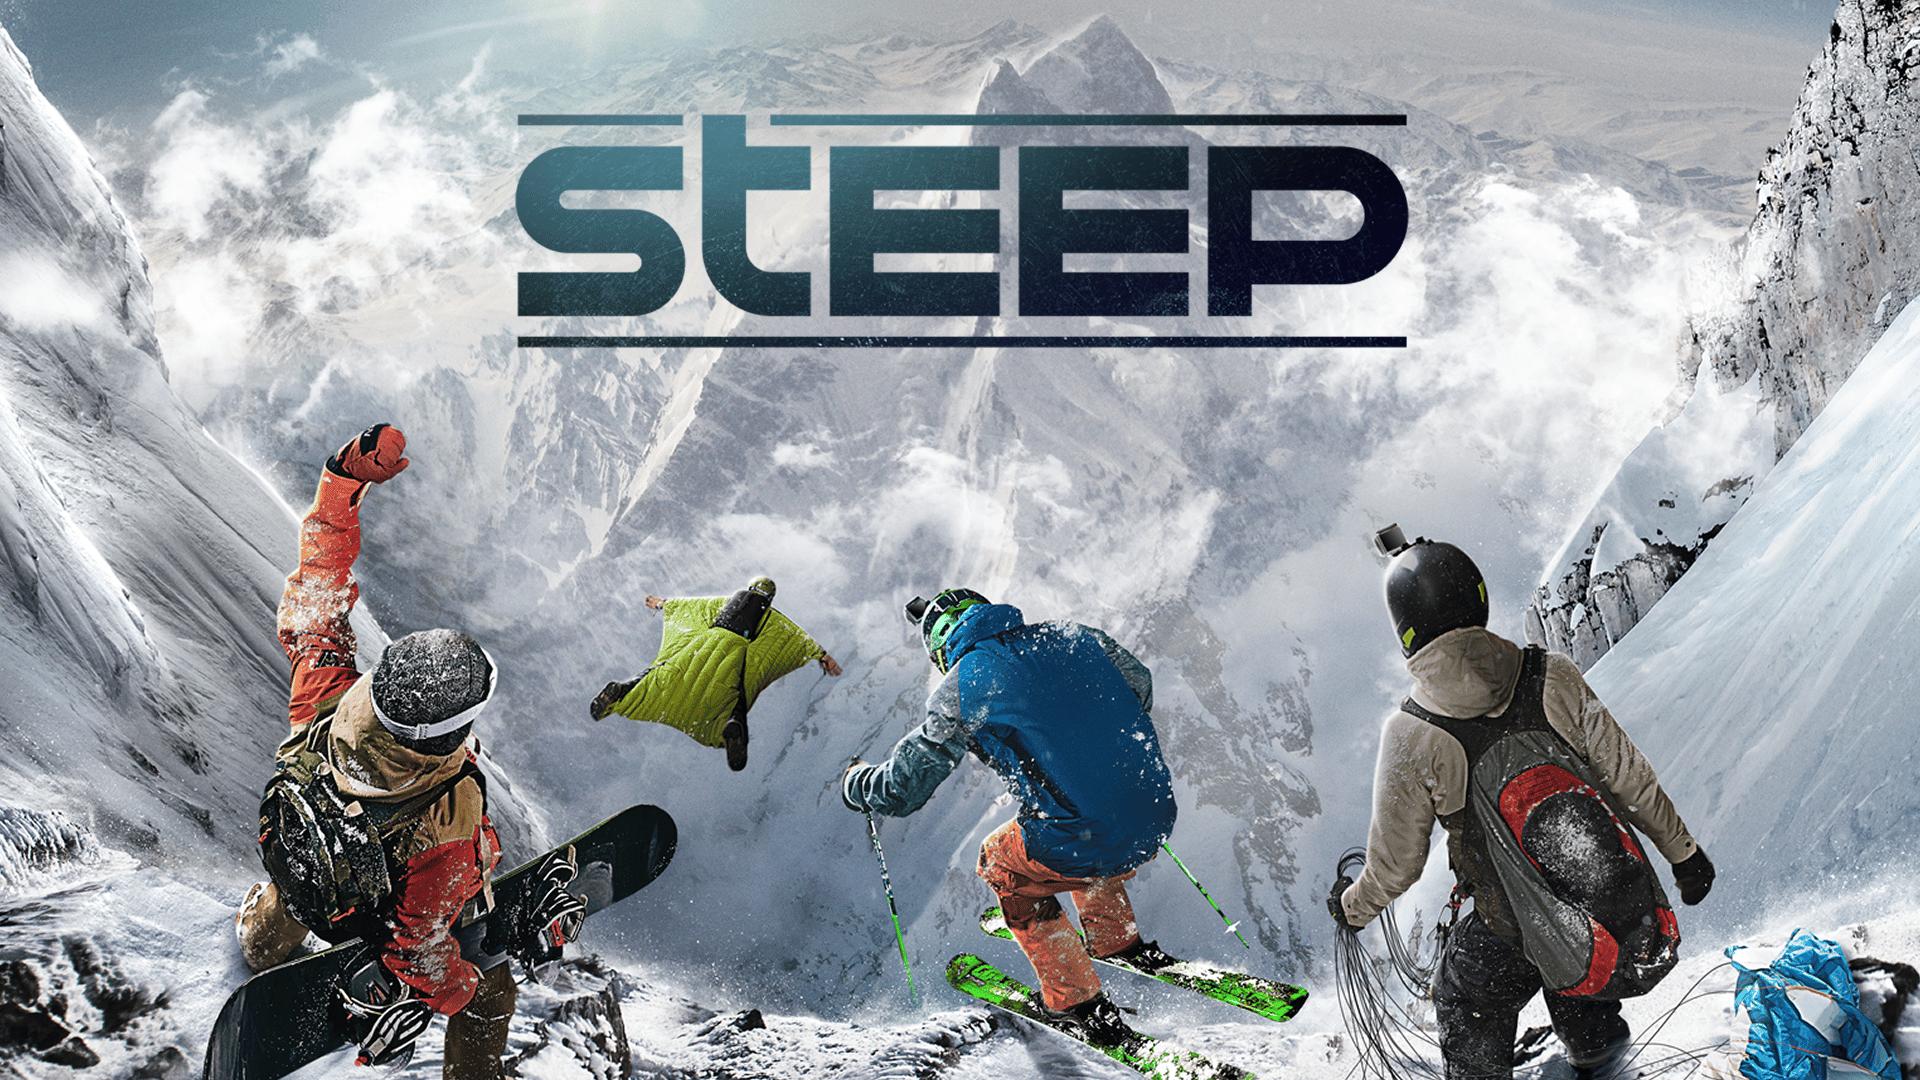 Steep telecharger gratuit de PC et Torrent